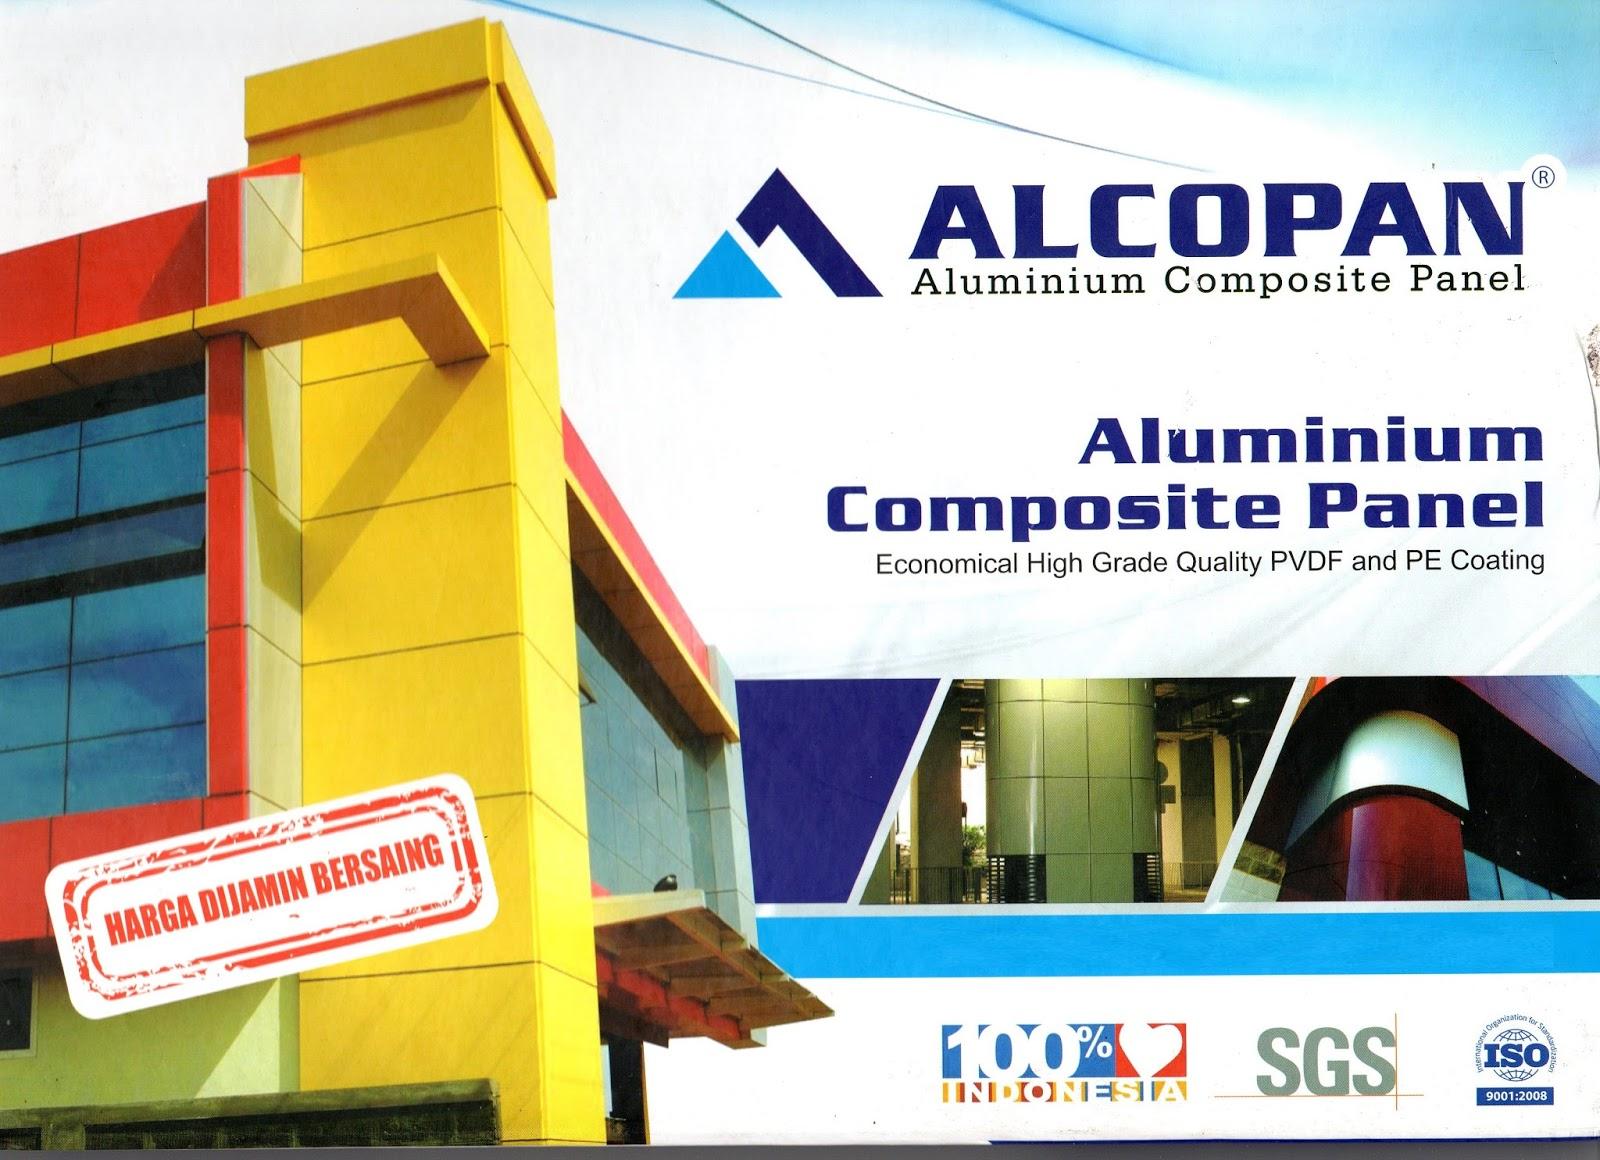 Jual Pasang ACP Alcopan Harga Termurah Terbaru 2018